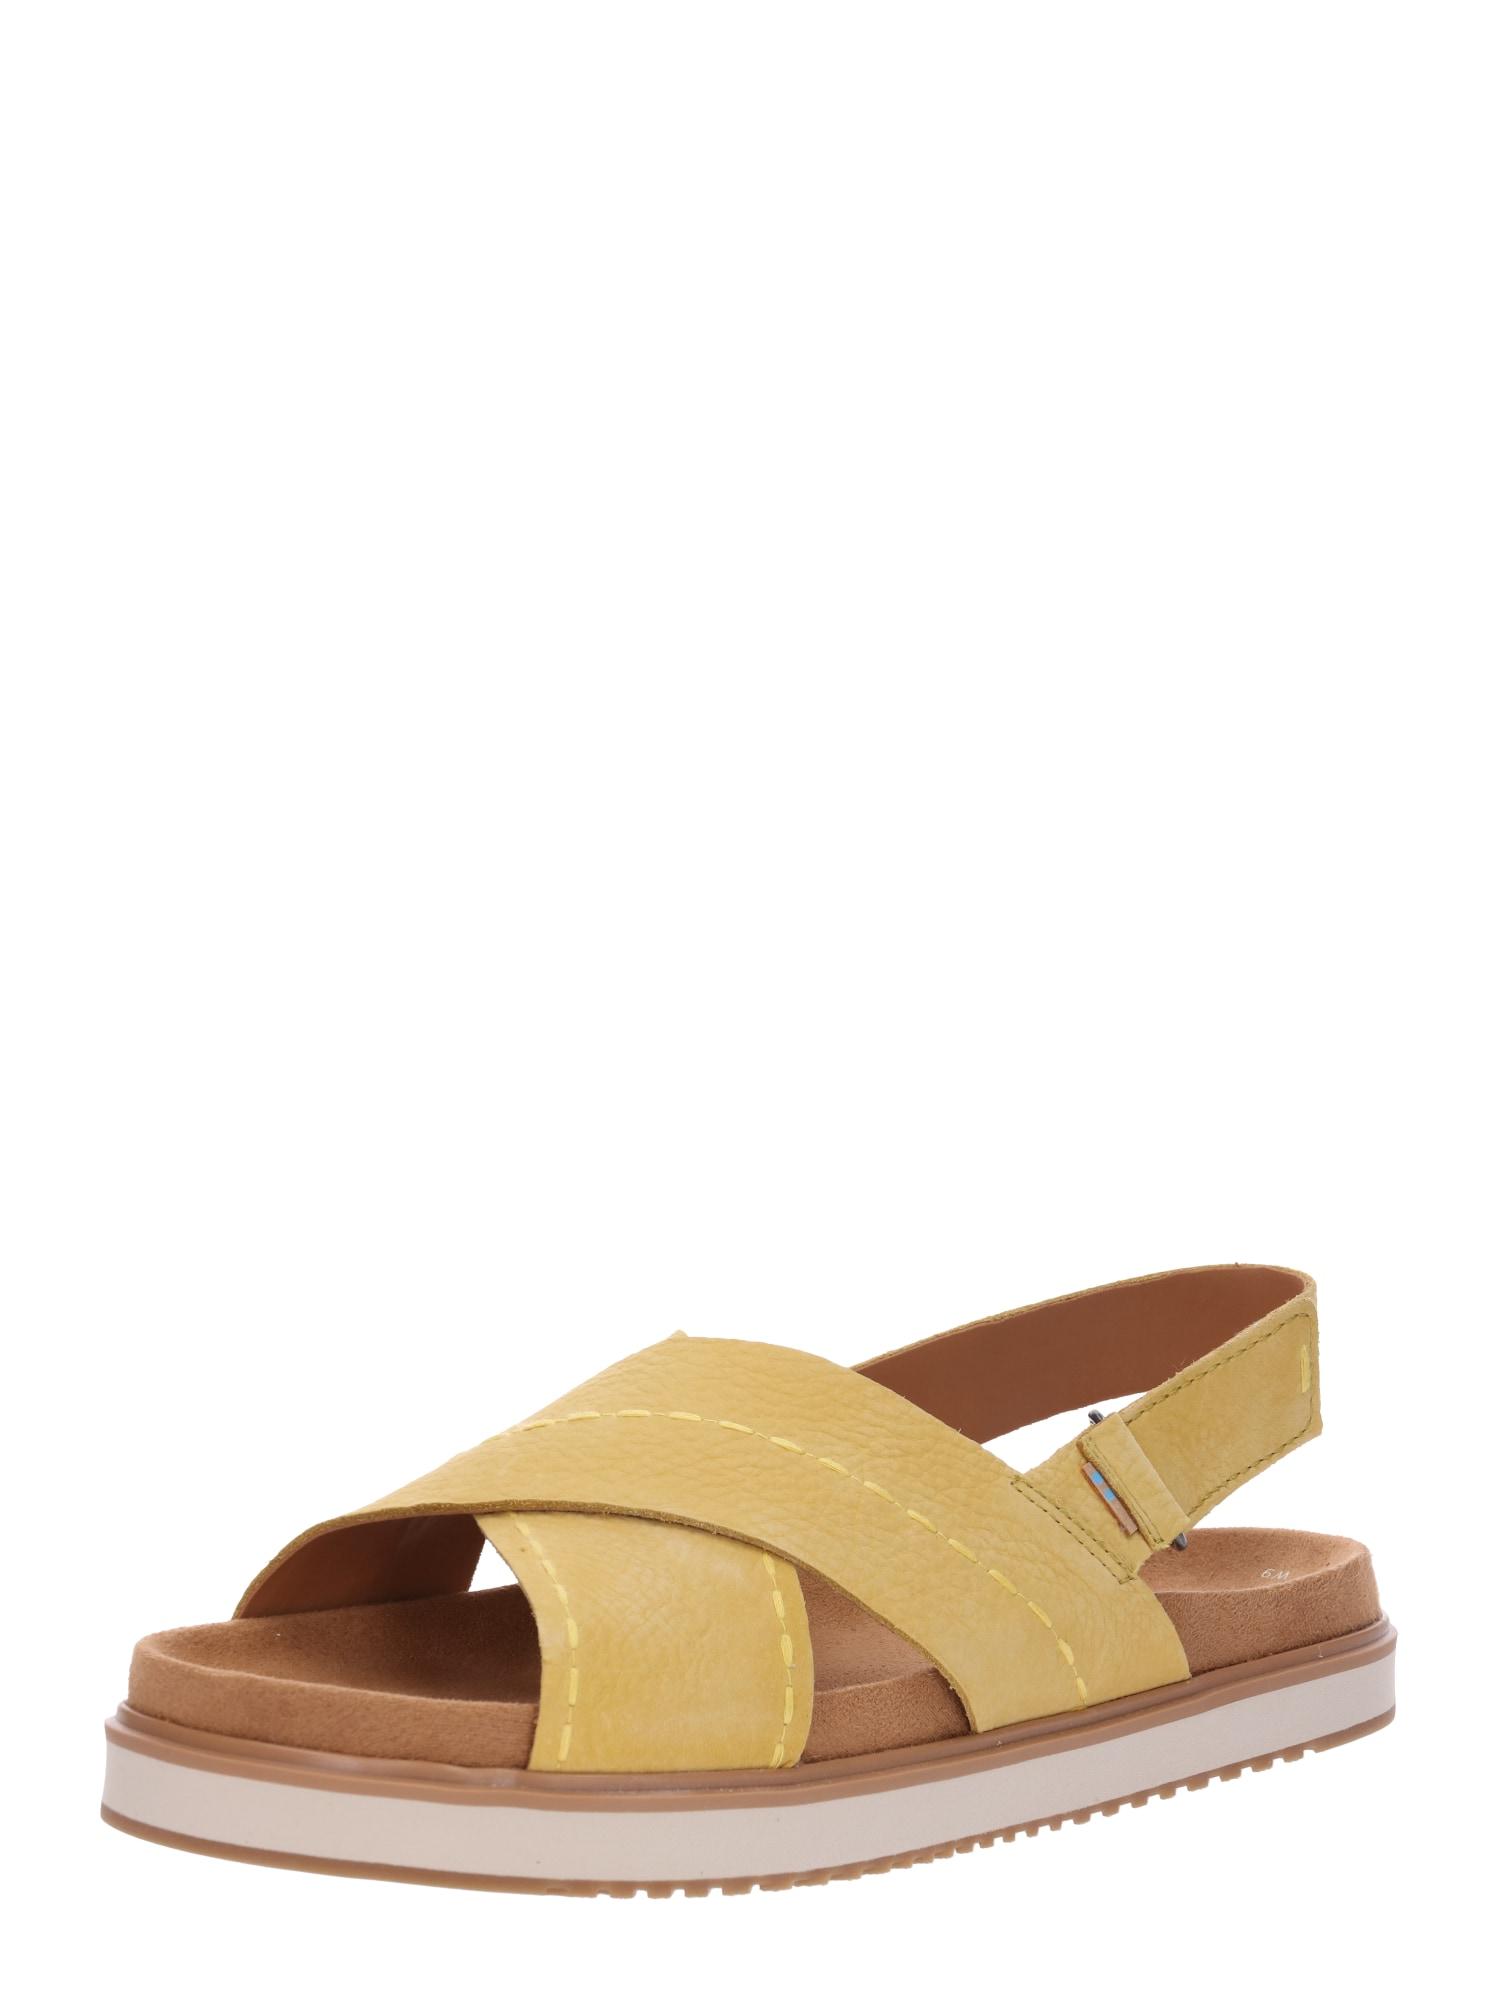 Sandály MARISA žlutá TOMS